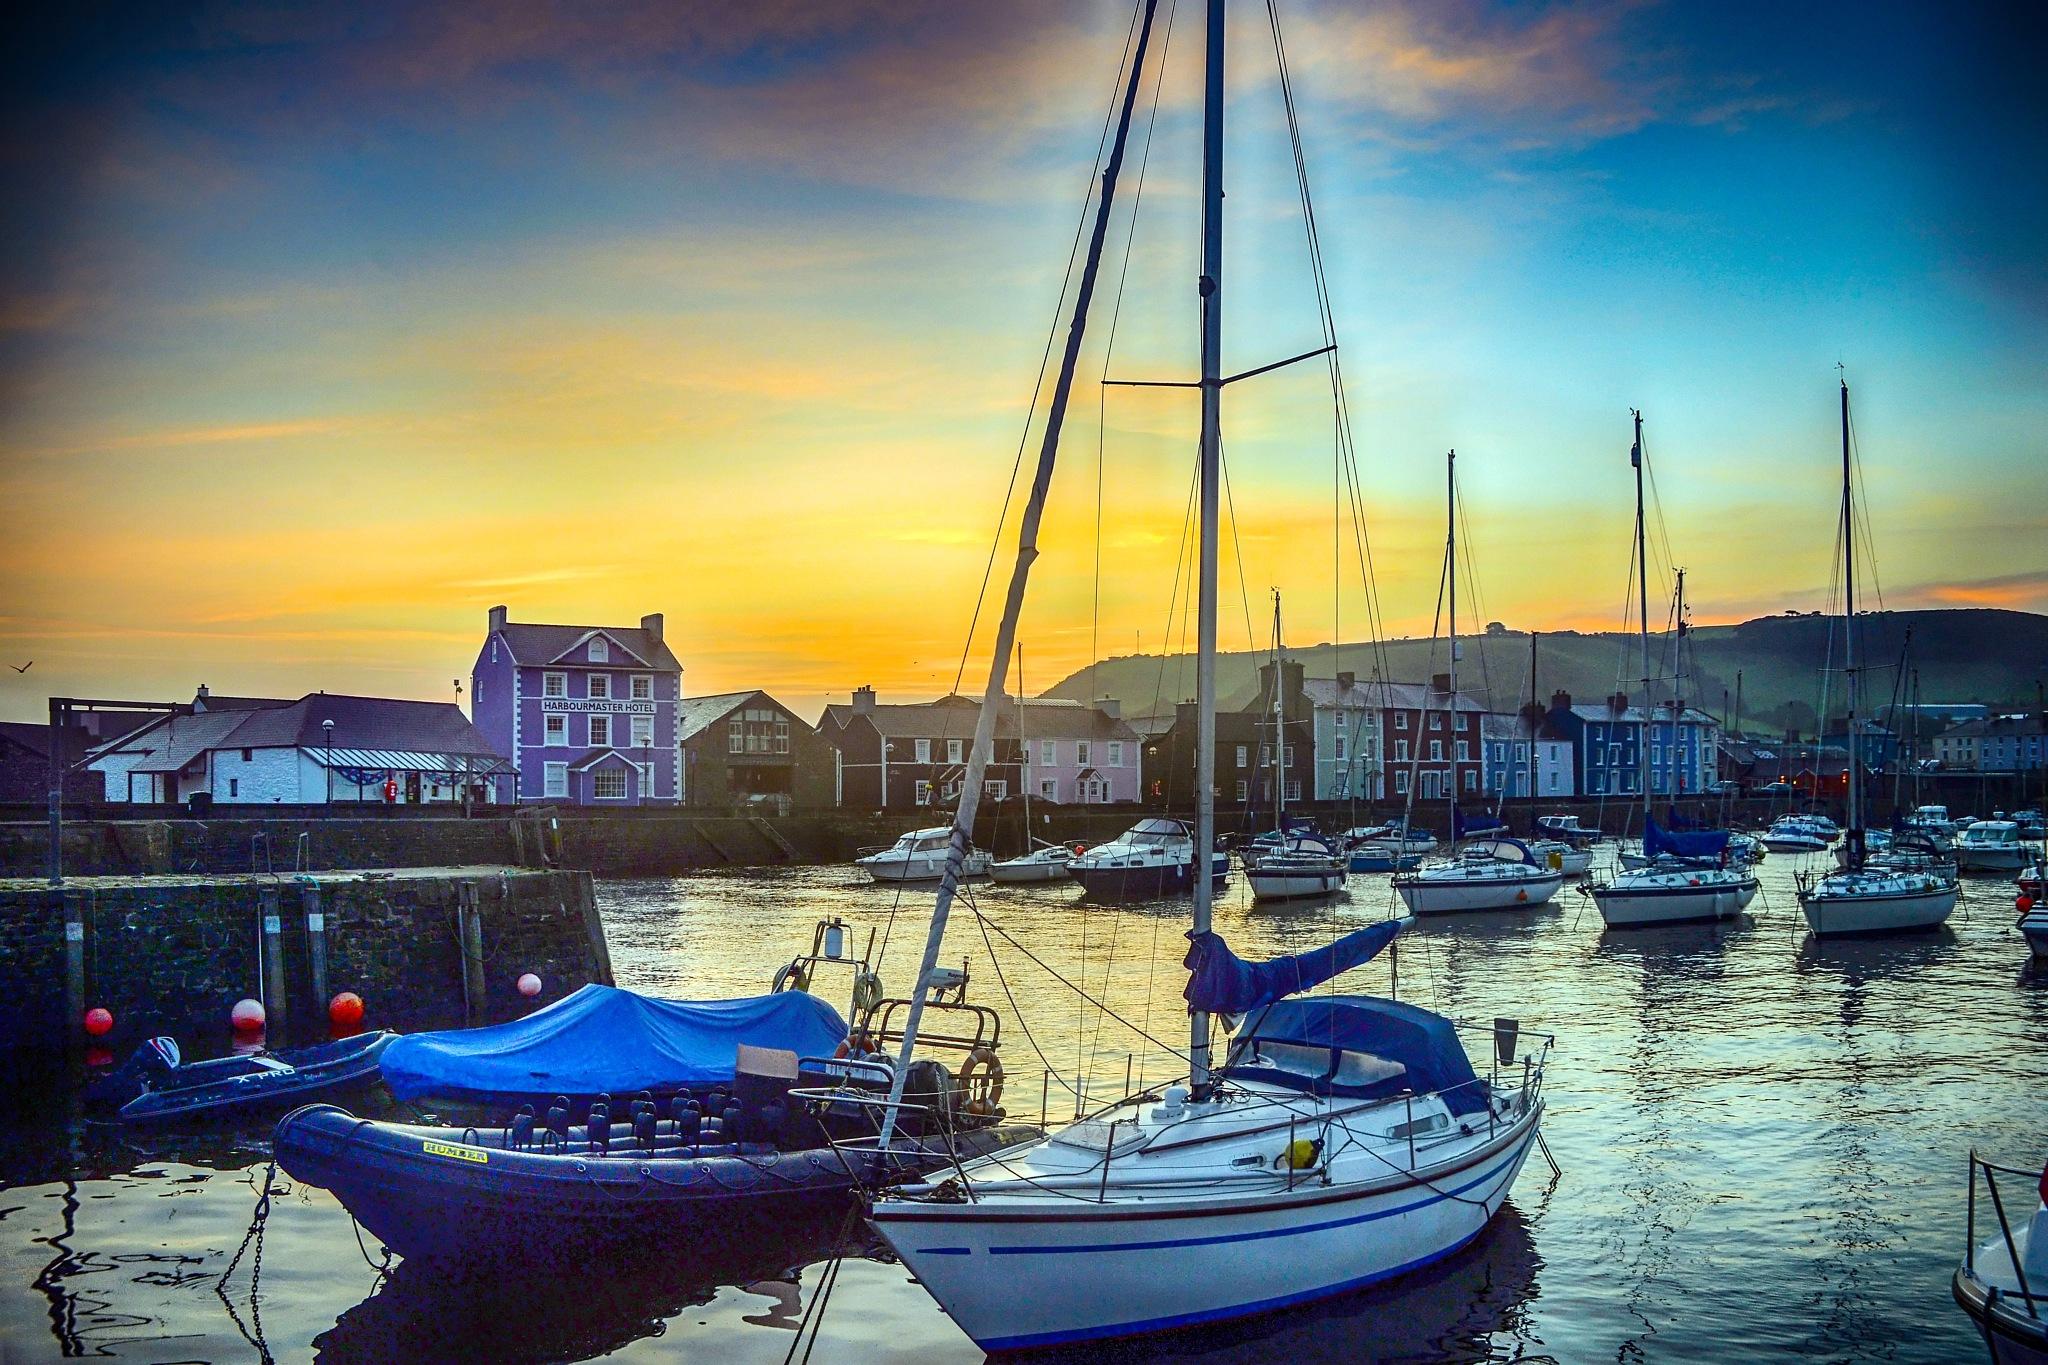 Sunrise Aberaeron West Wales UK by andychittockphotohrapher